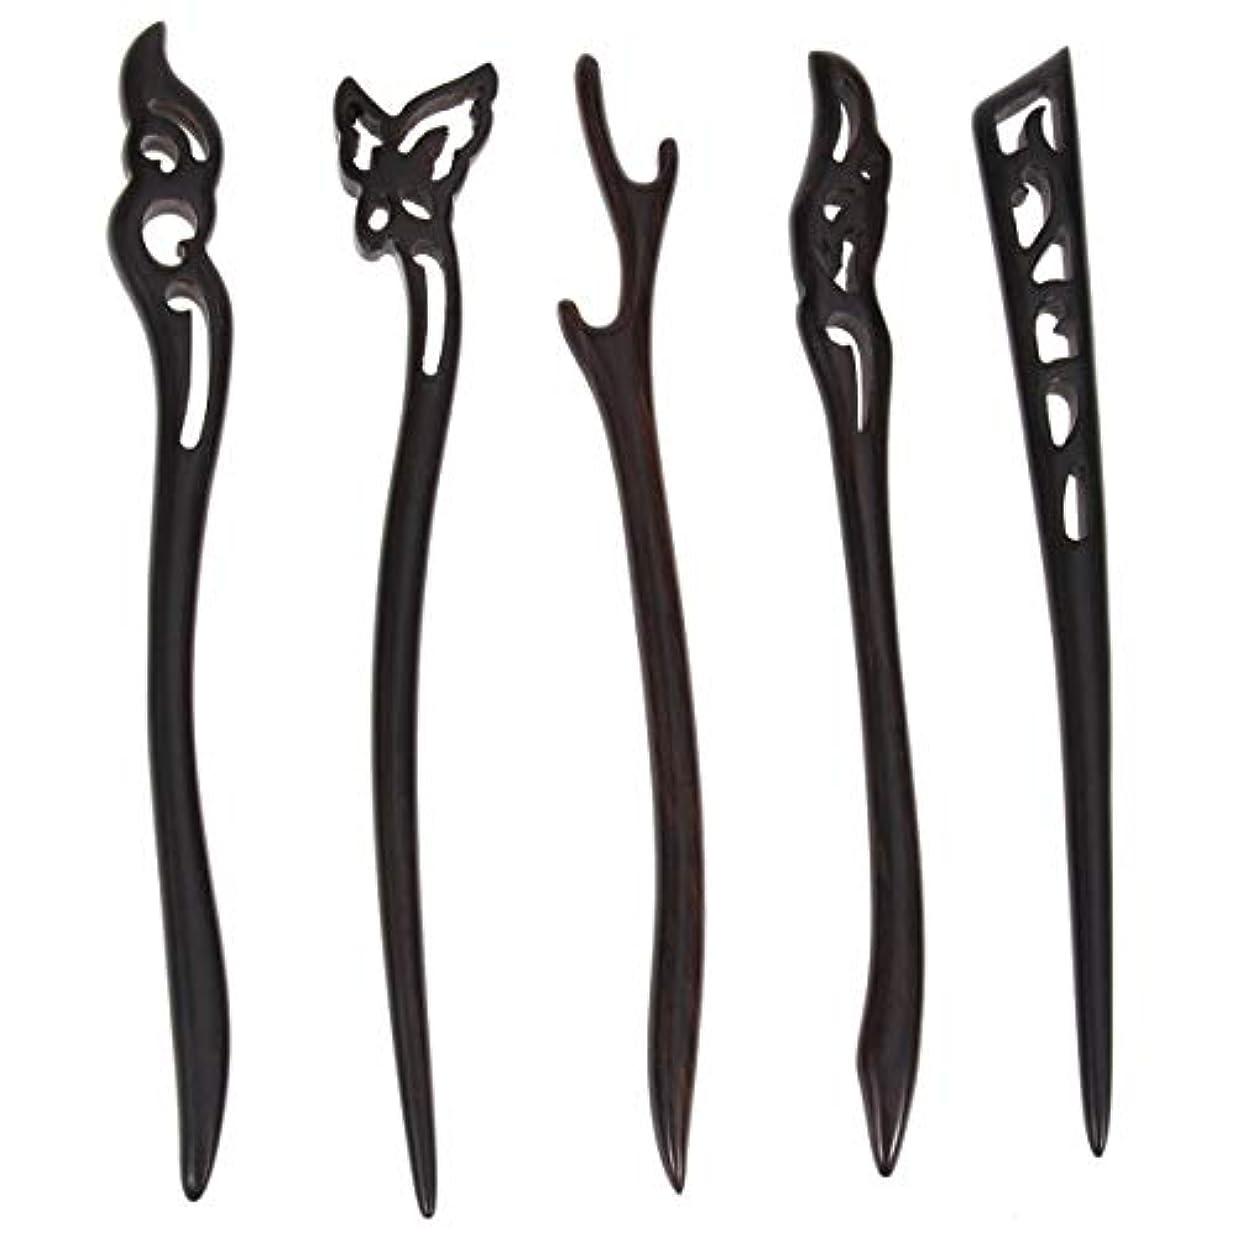 カッター禁止する彼らLurrose 5ピース木製ヘアスティック中国髪箸中空彫刻デザイン用女性ロングヘアスタイリング